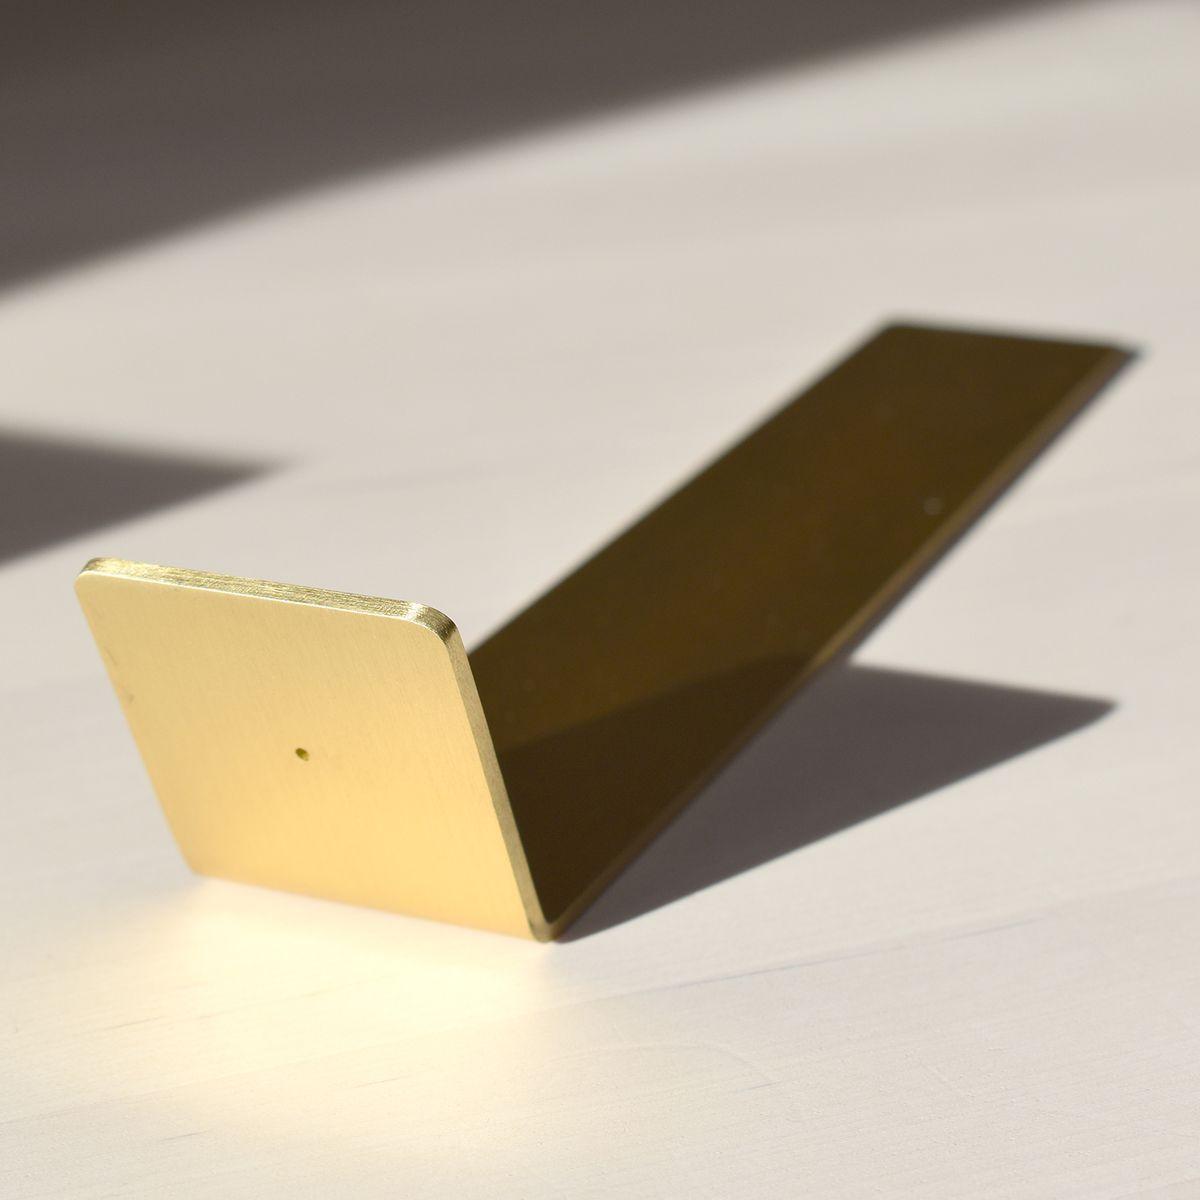 Räuchergefäßbrenner von Richard Bell für Psalt Design